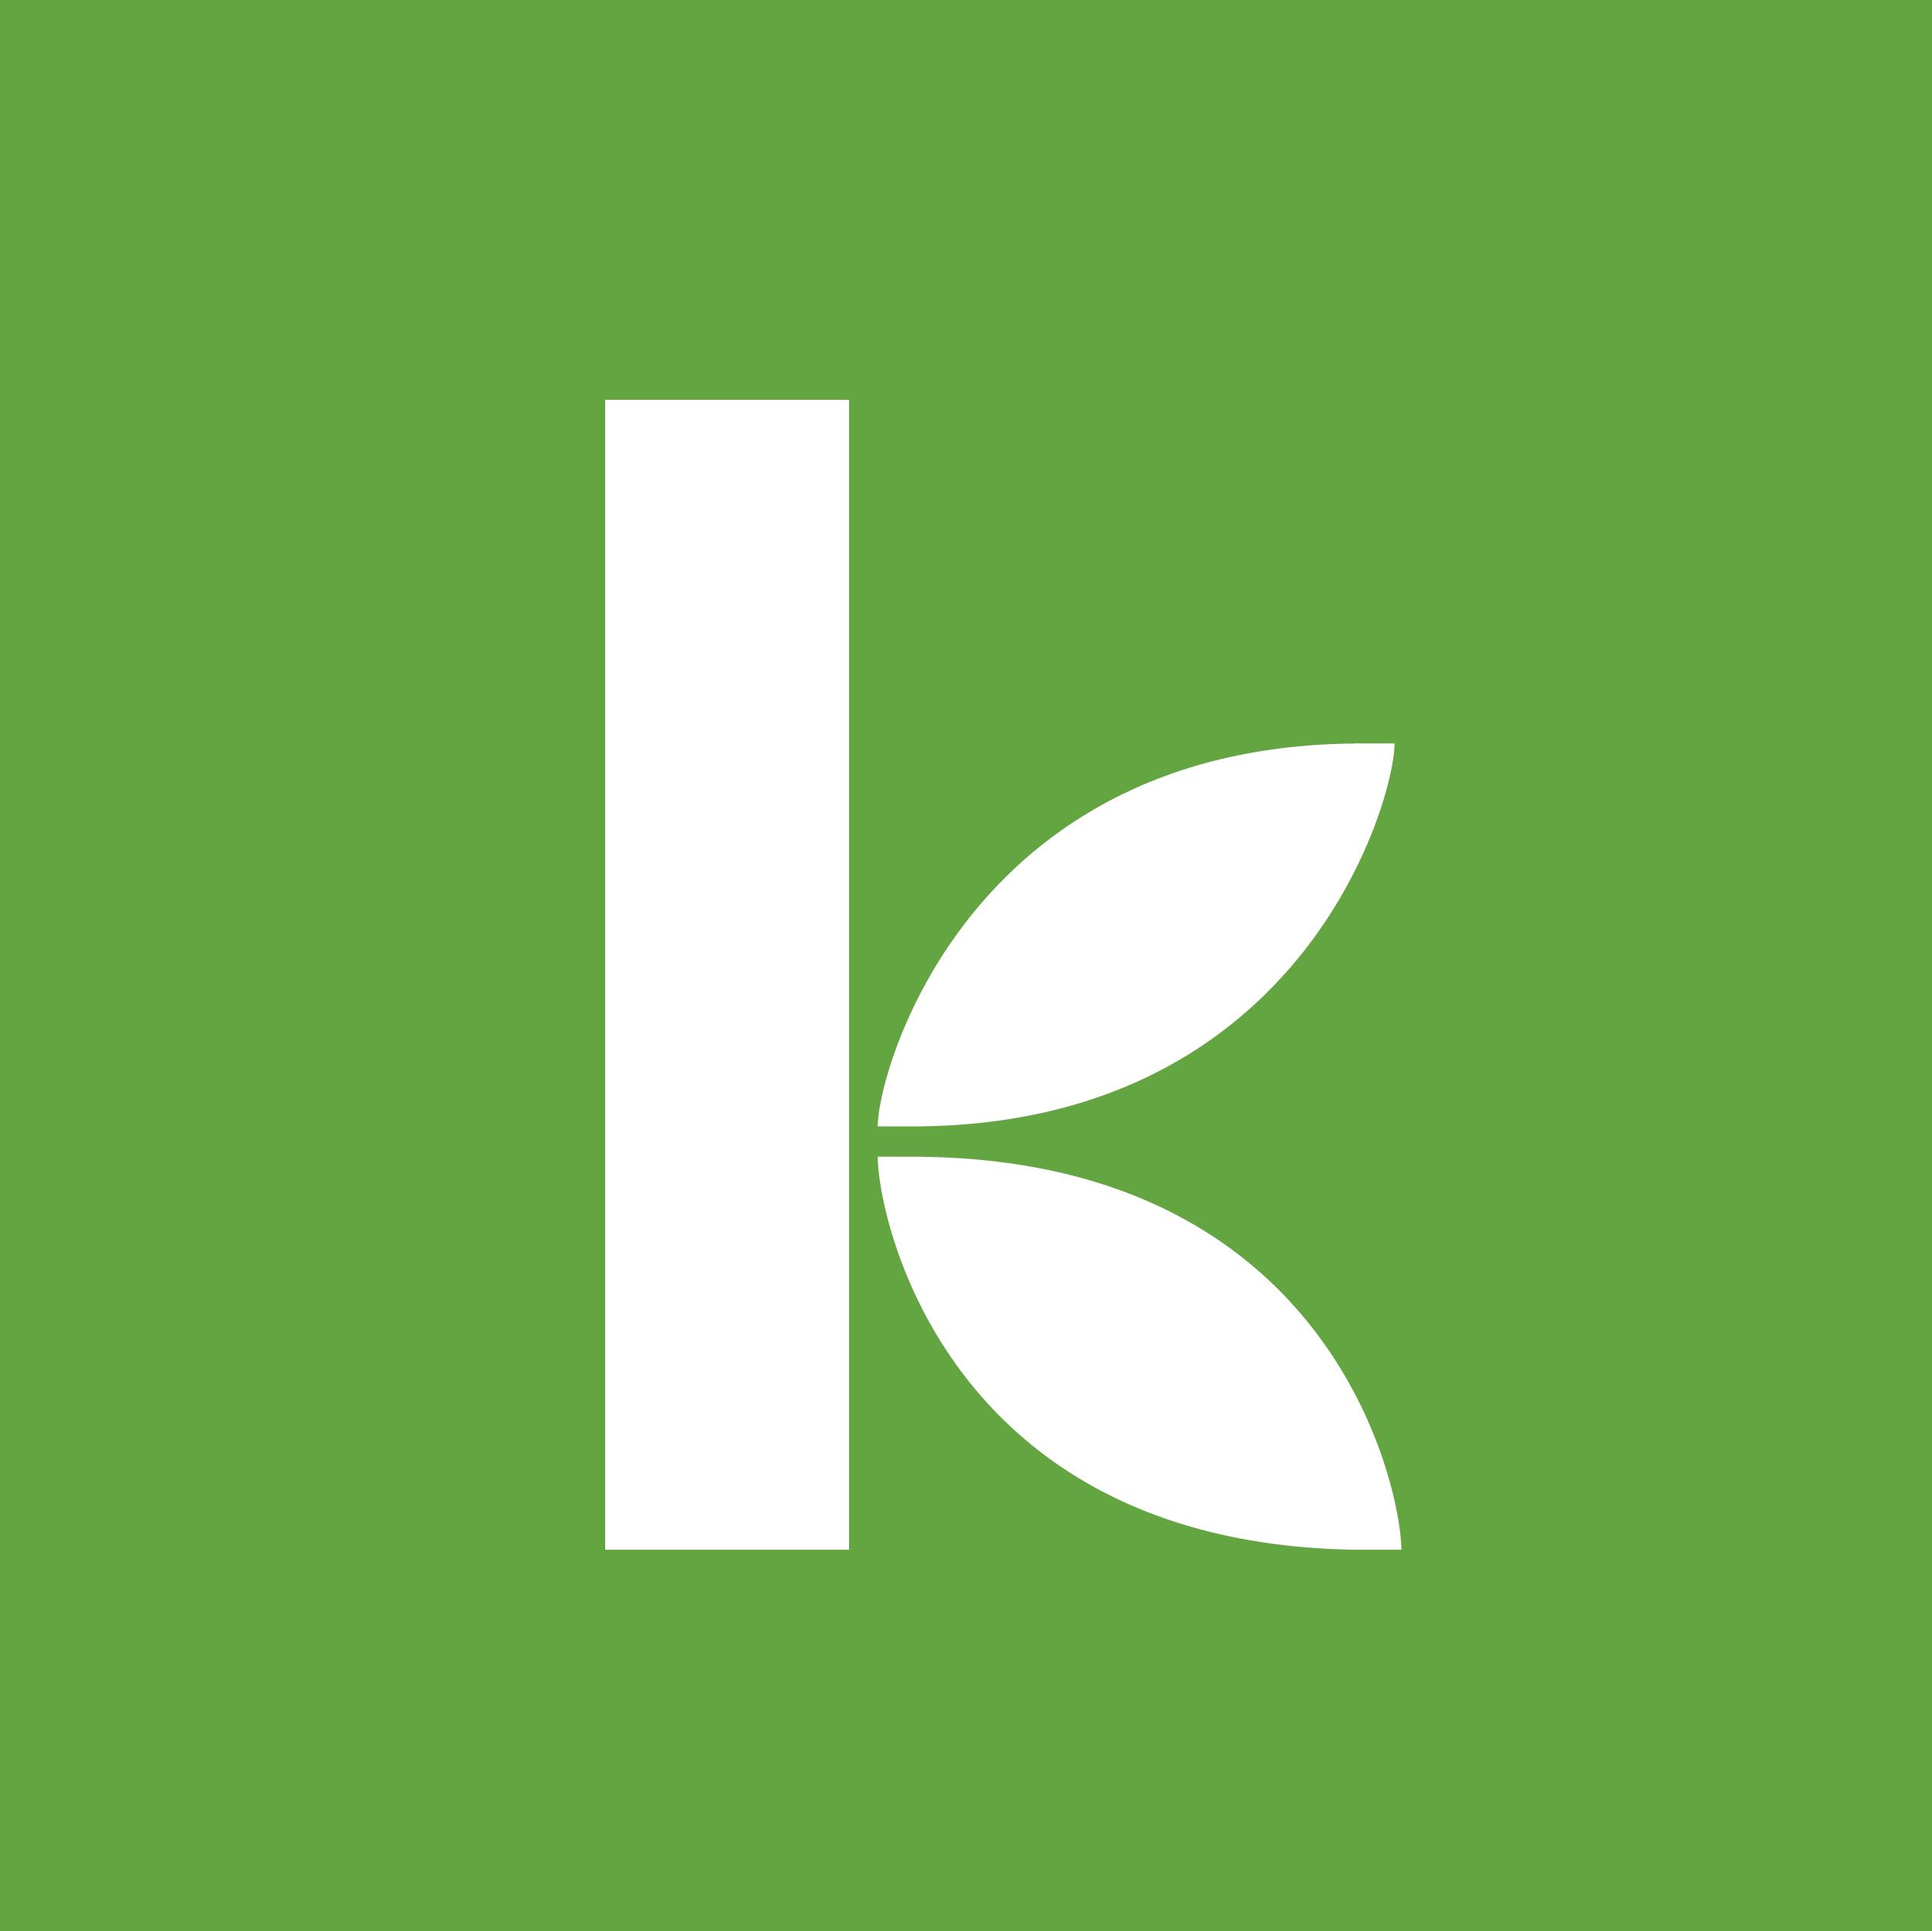 KIVA Microfunds